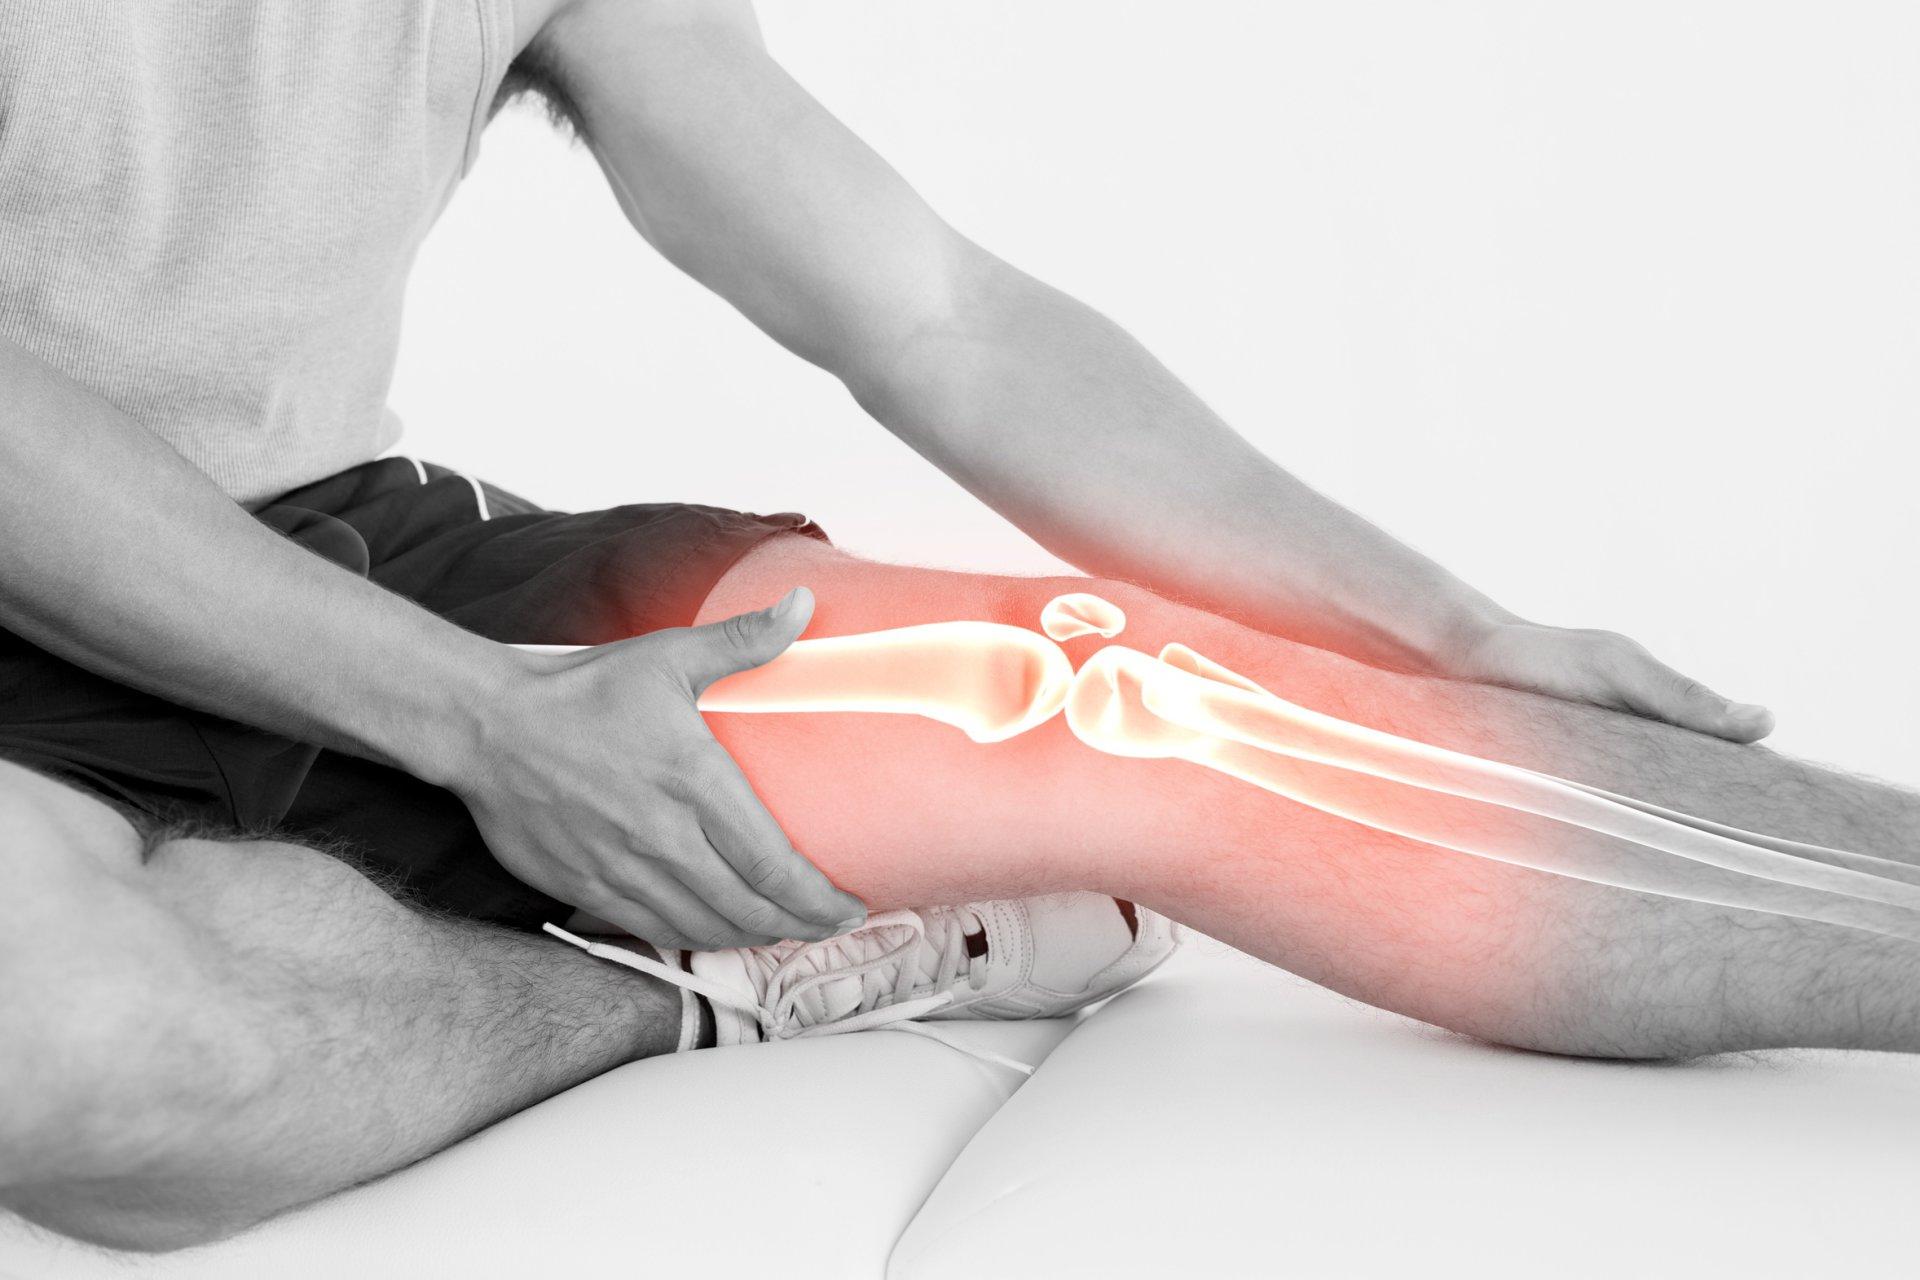 gydymas uždegimas sąnarių gydymo ginklų pirštais įrankiai apie sąnarių skausmas